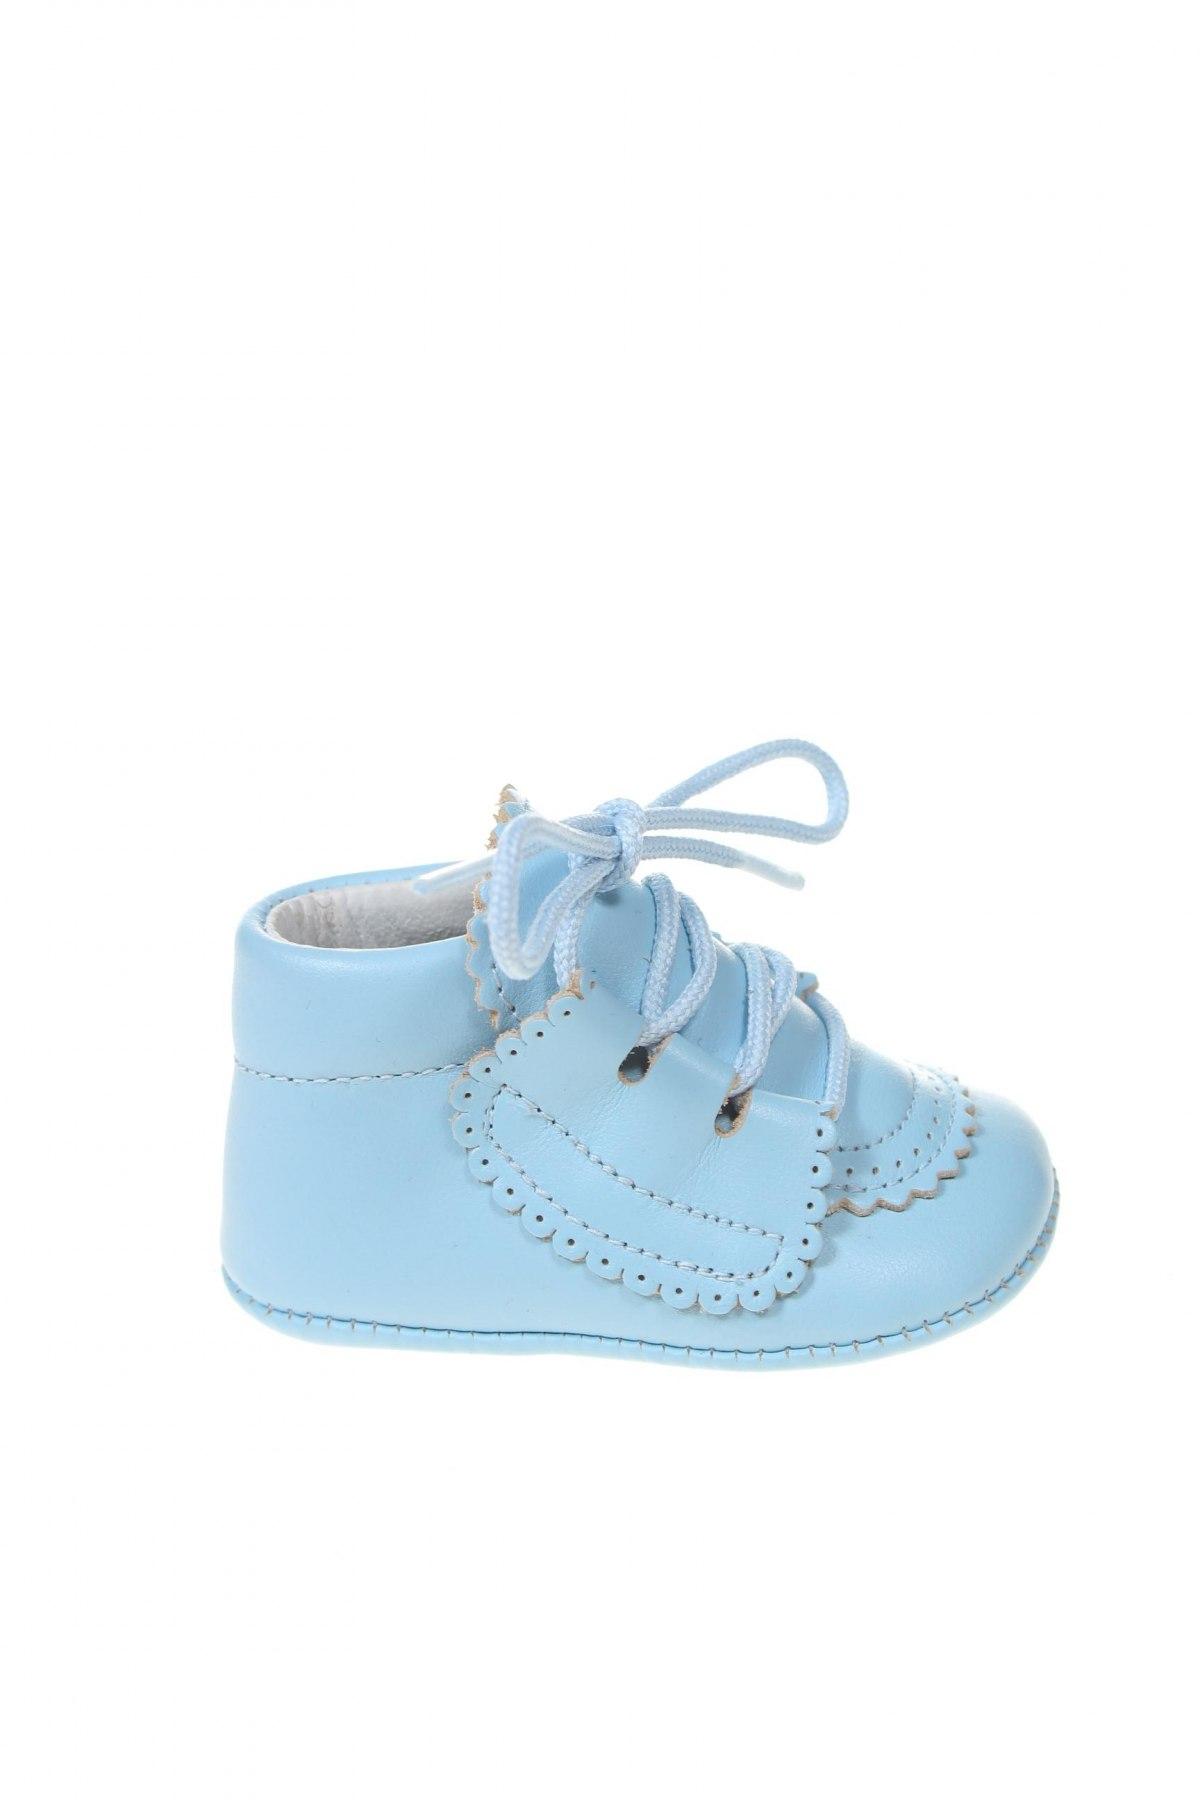 Παιδικά παπούτσια Lola Palacios, Μέγεθος 15, Χρώμα Μπλέ, Γνήσιο δέρμα, Τιμή 13,76€